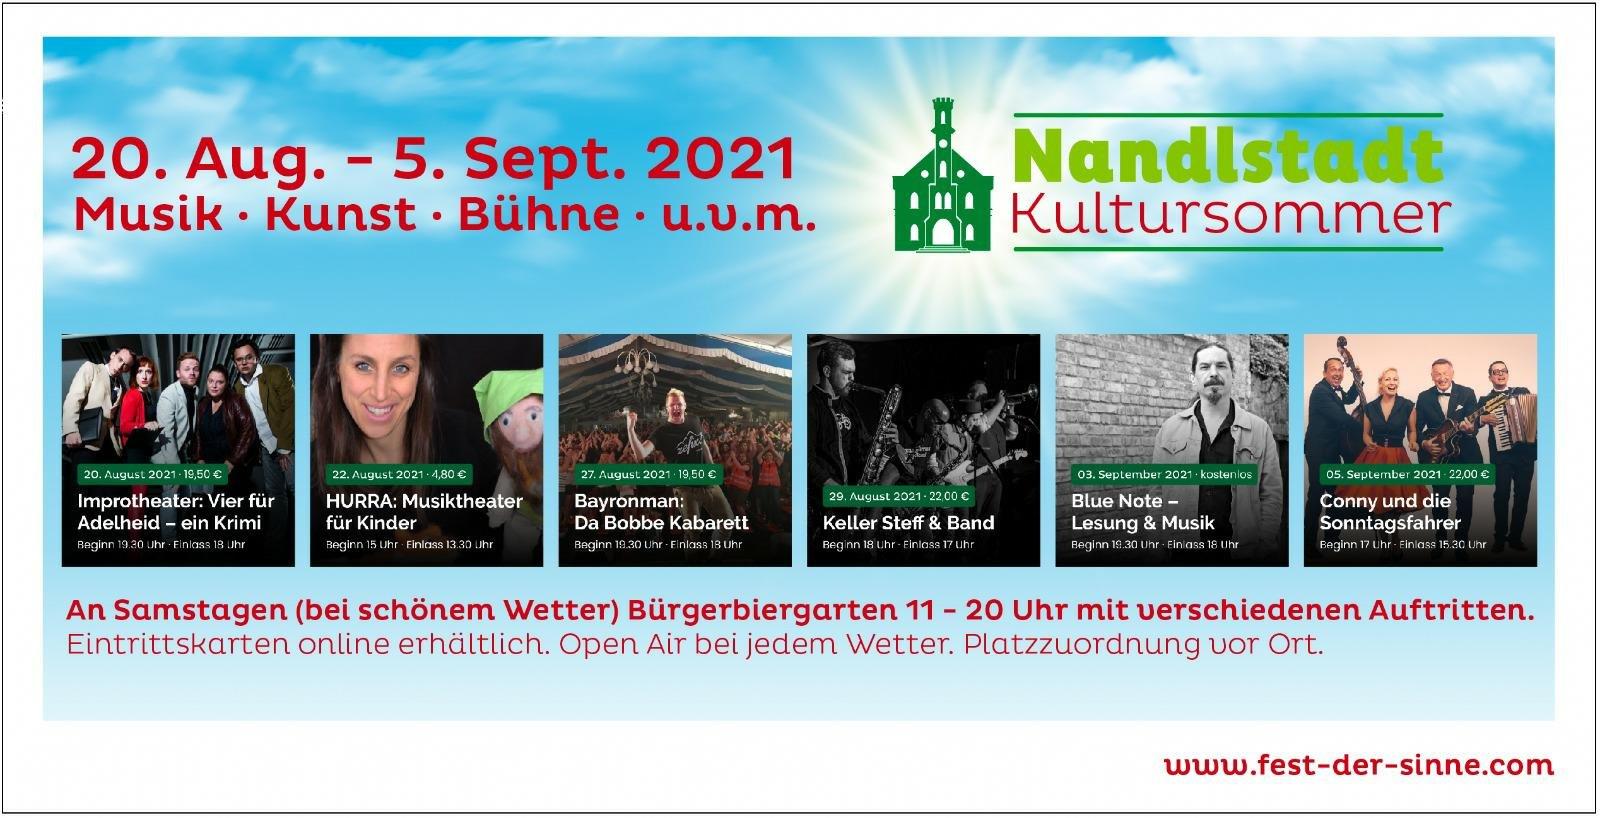 Übersicht Nandlstädter Kultursommer 2021